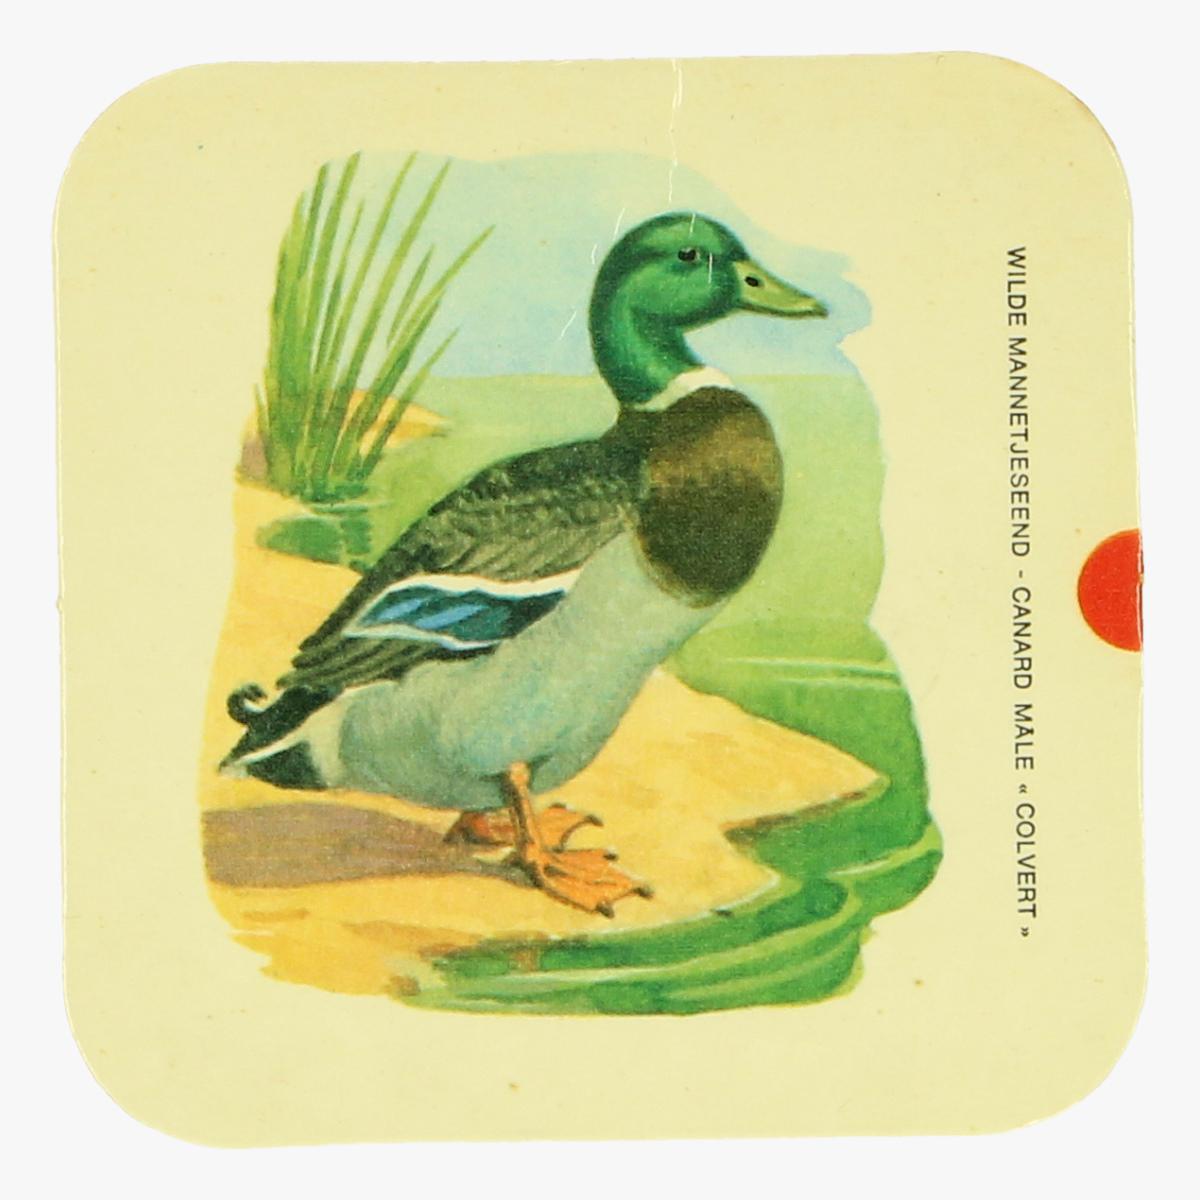 Afbeeldingen van kaartje uit bordspel